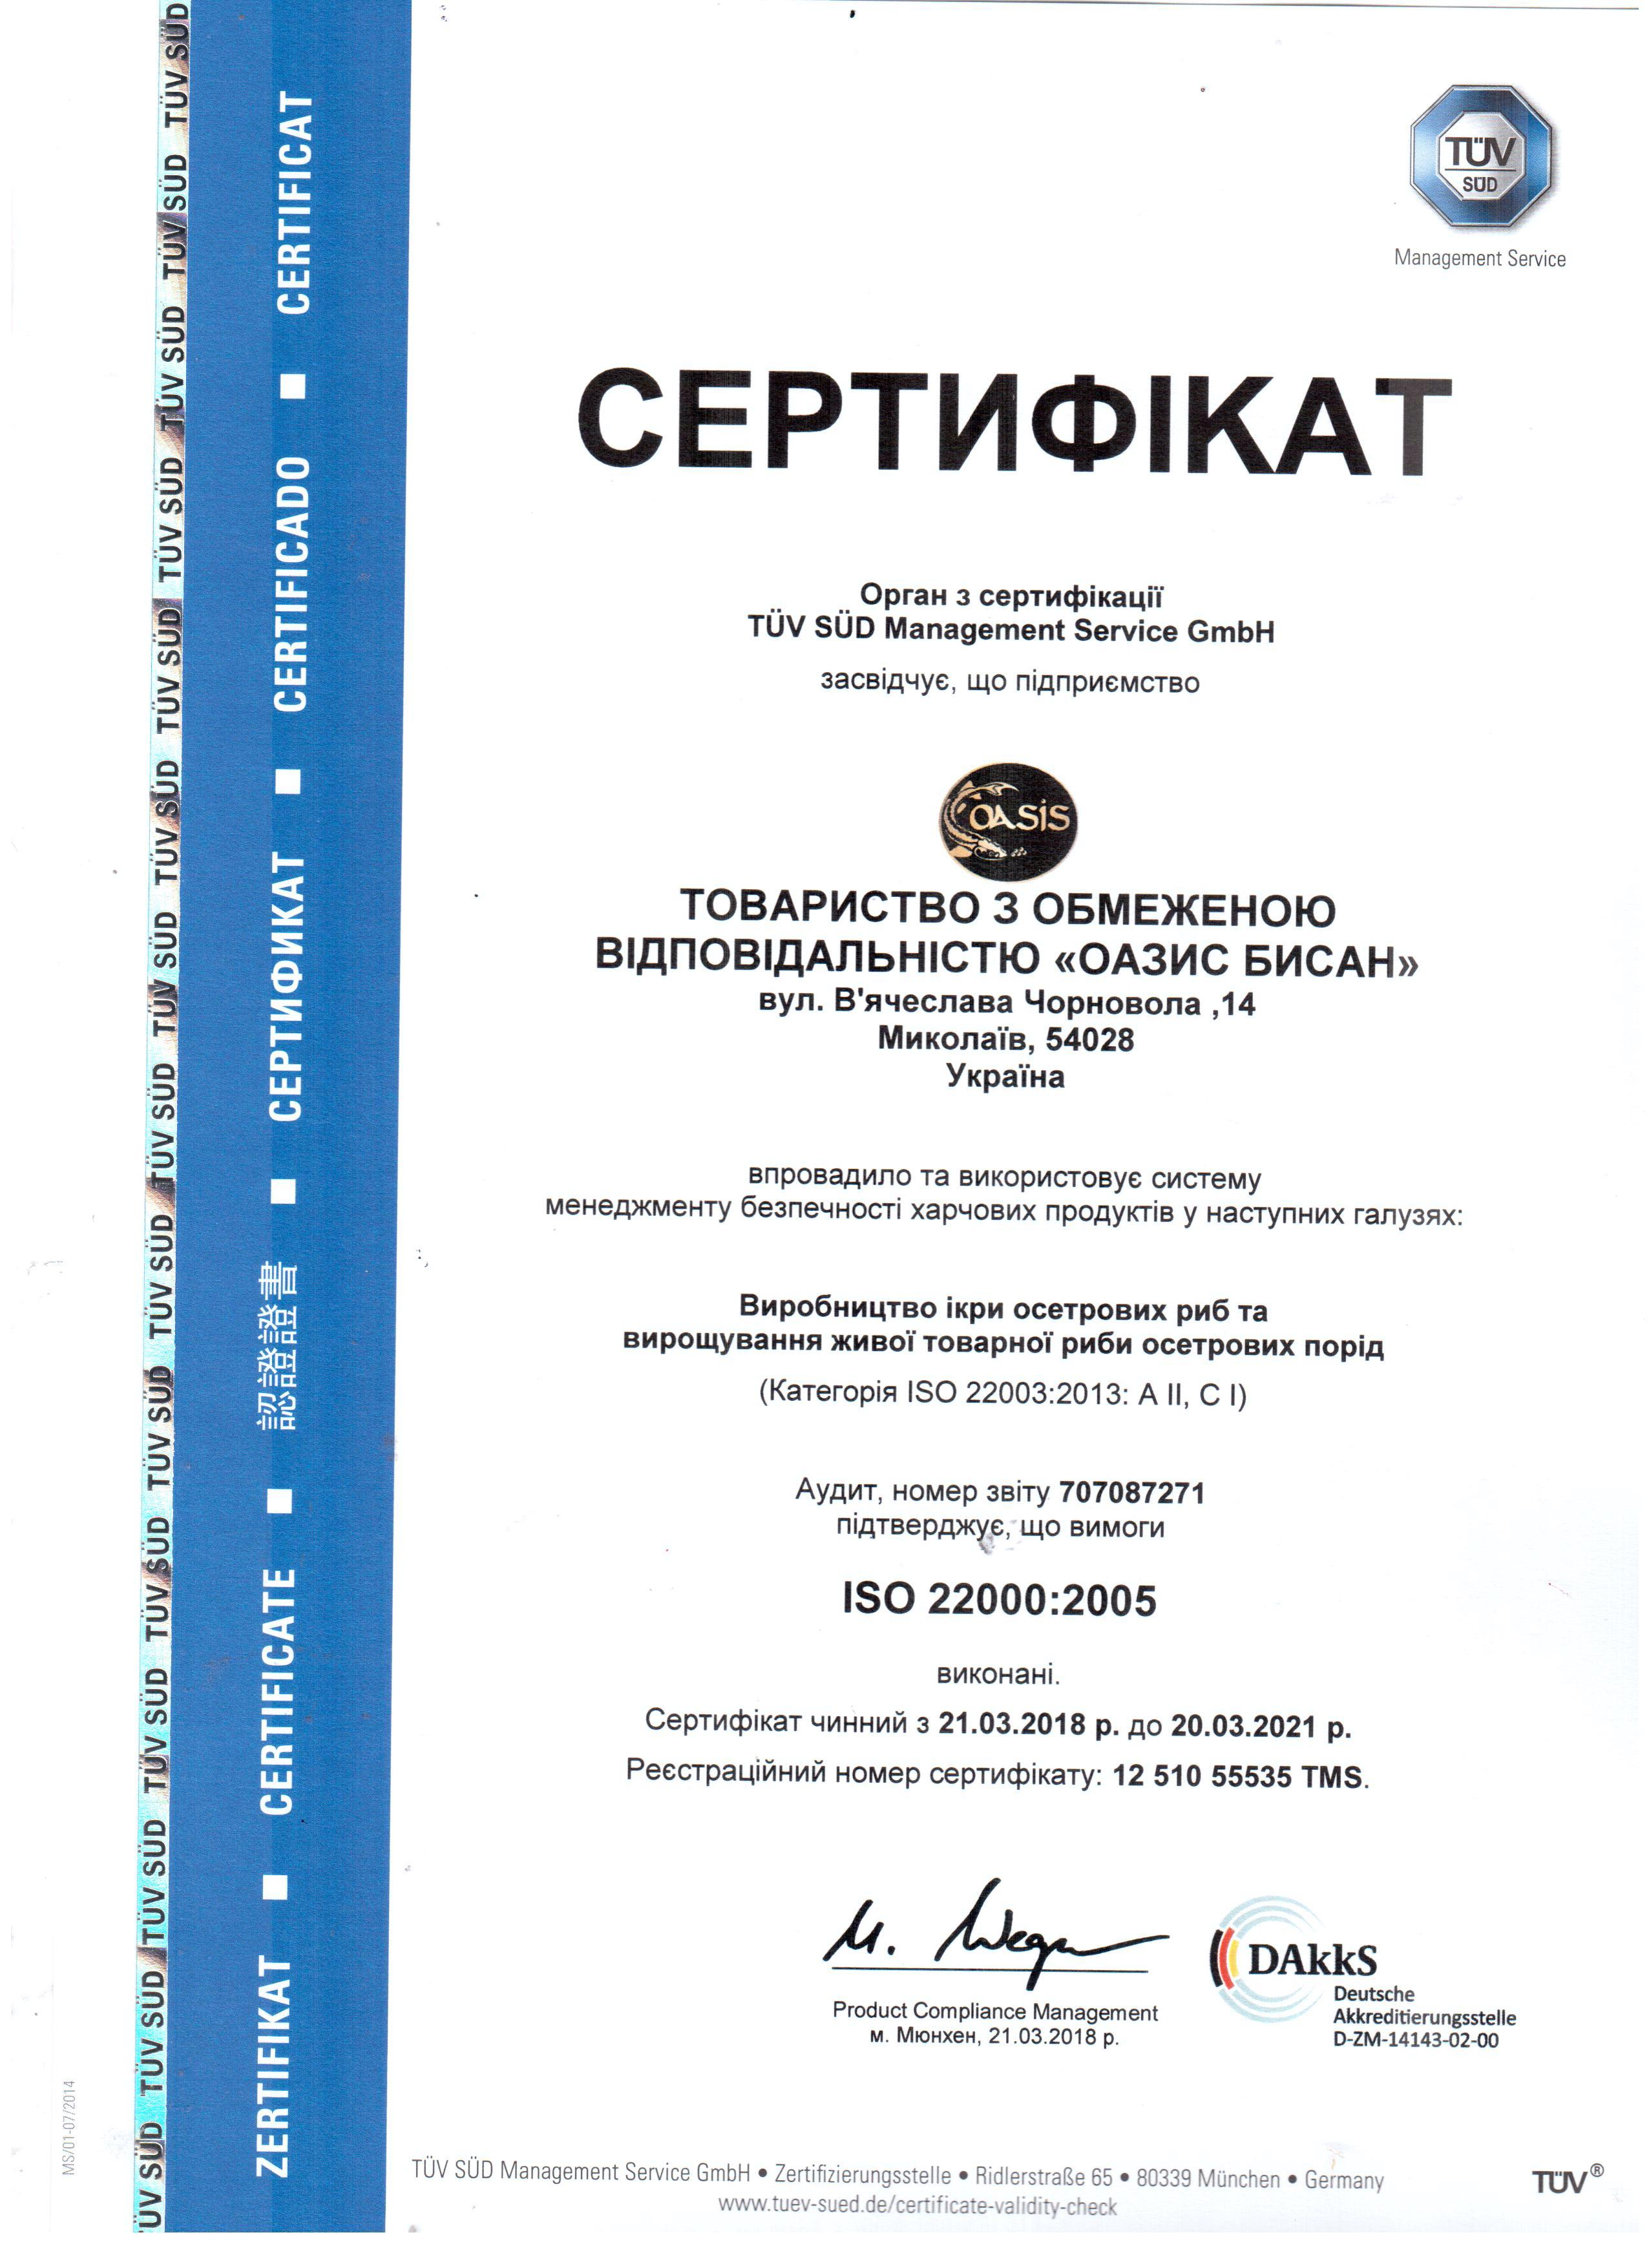 ISO certificate in Ukrainian